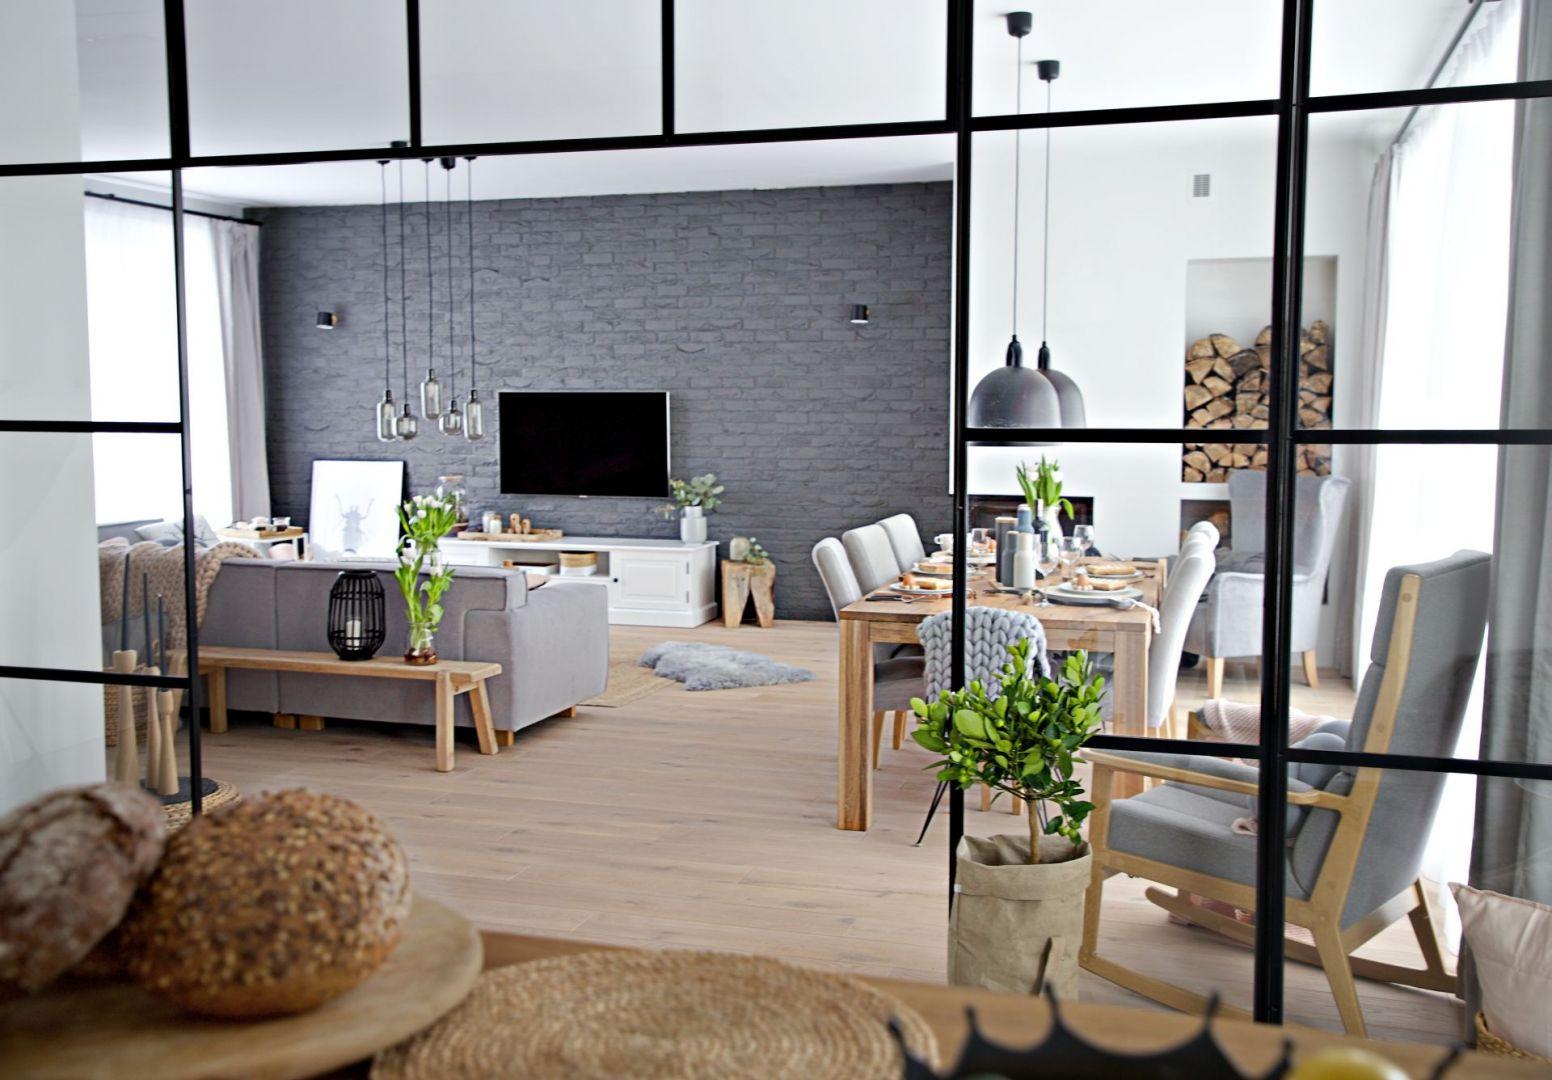 W salonie, który jest otwarty na jadalnię, sprawdzą się meble, które można ustawić na środku jako oddzielenie strefy wypoczynku. Projekt wnętrza: SHOKO design